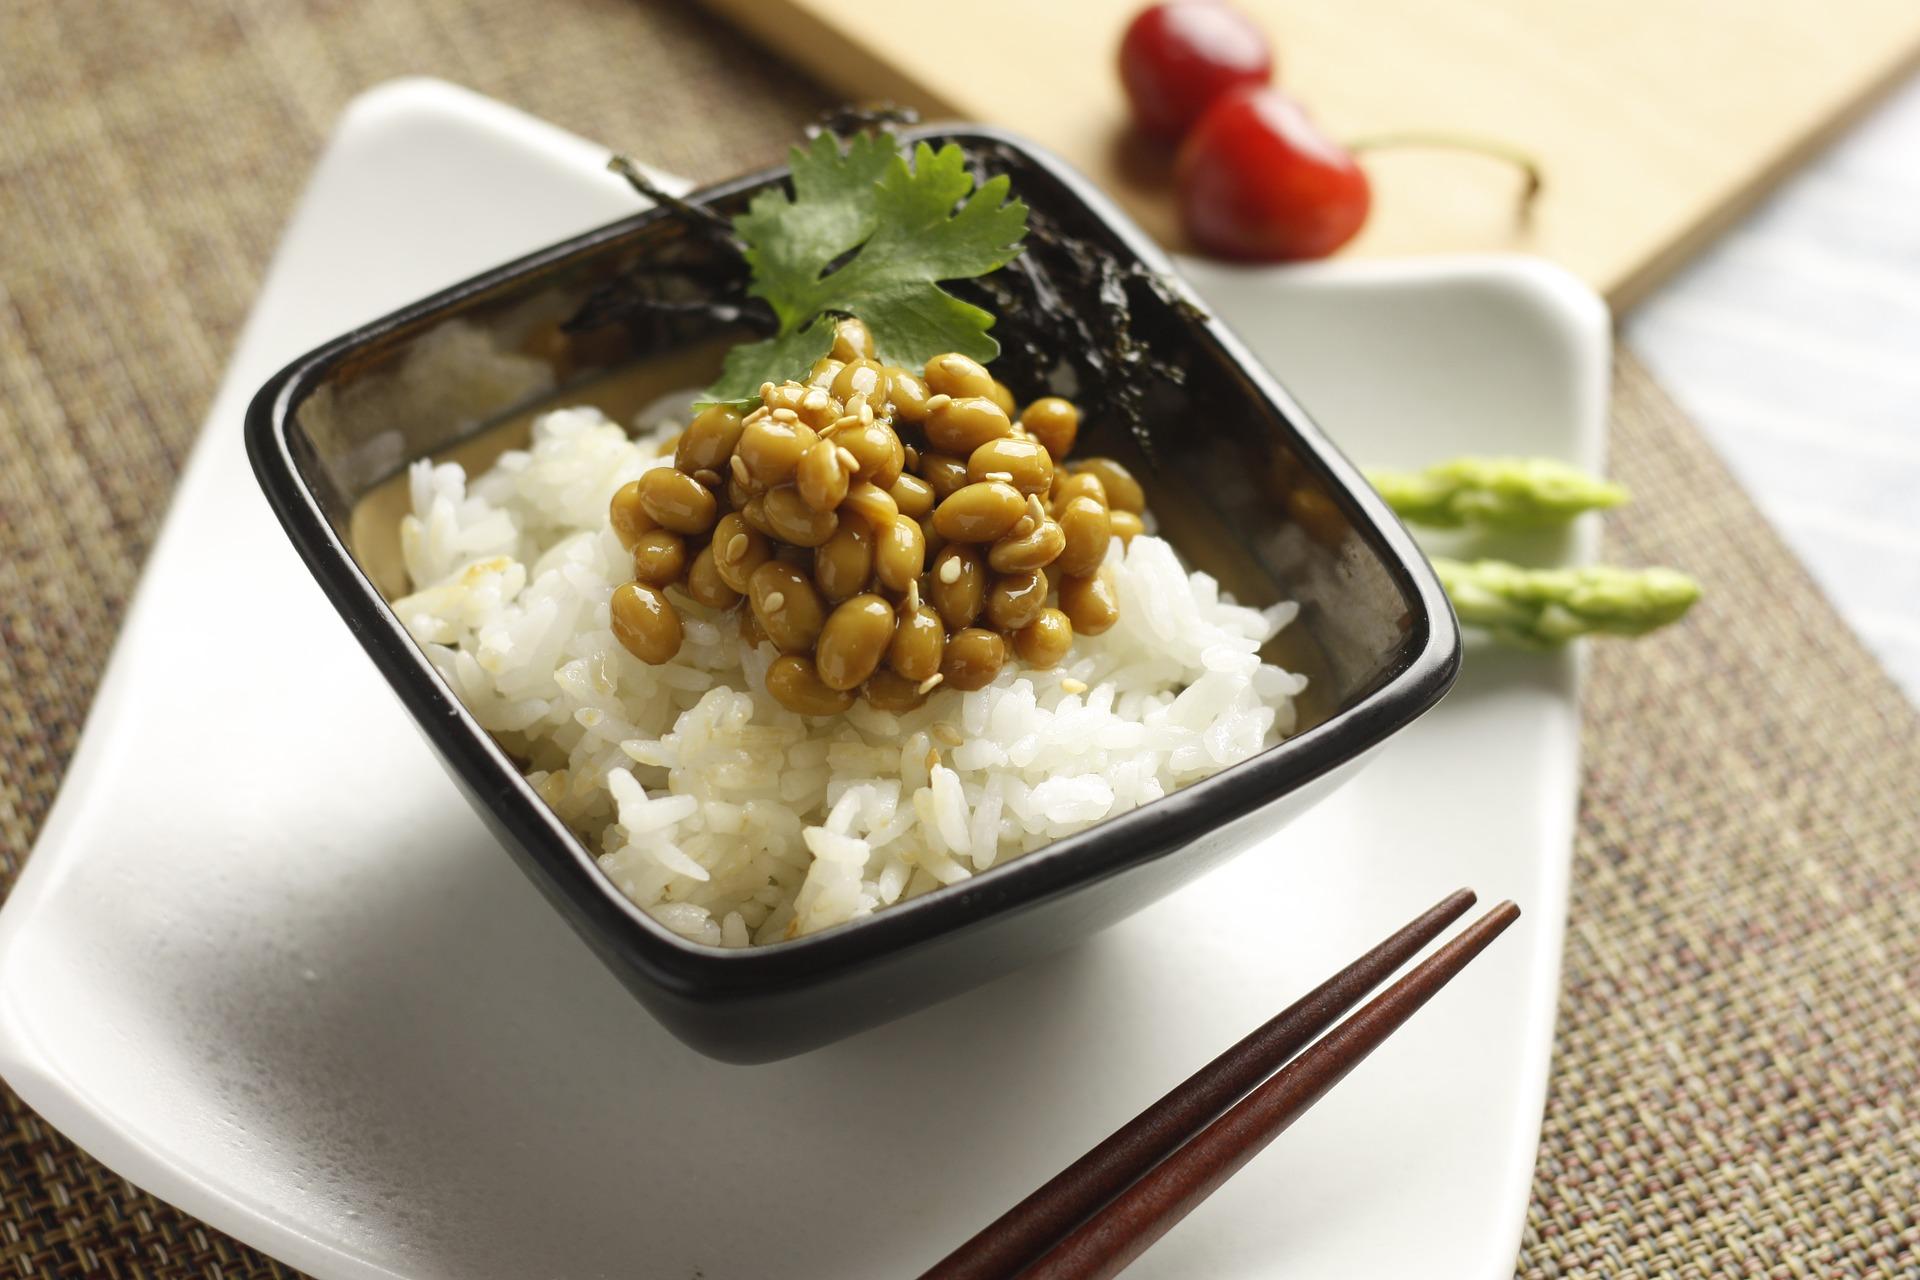 Le natto, du soja lacto-fermenté à l'apparence gluante, est un apport précieux en protéines